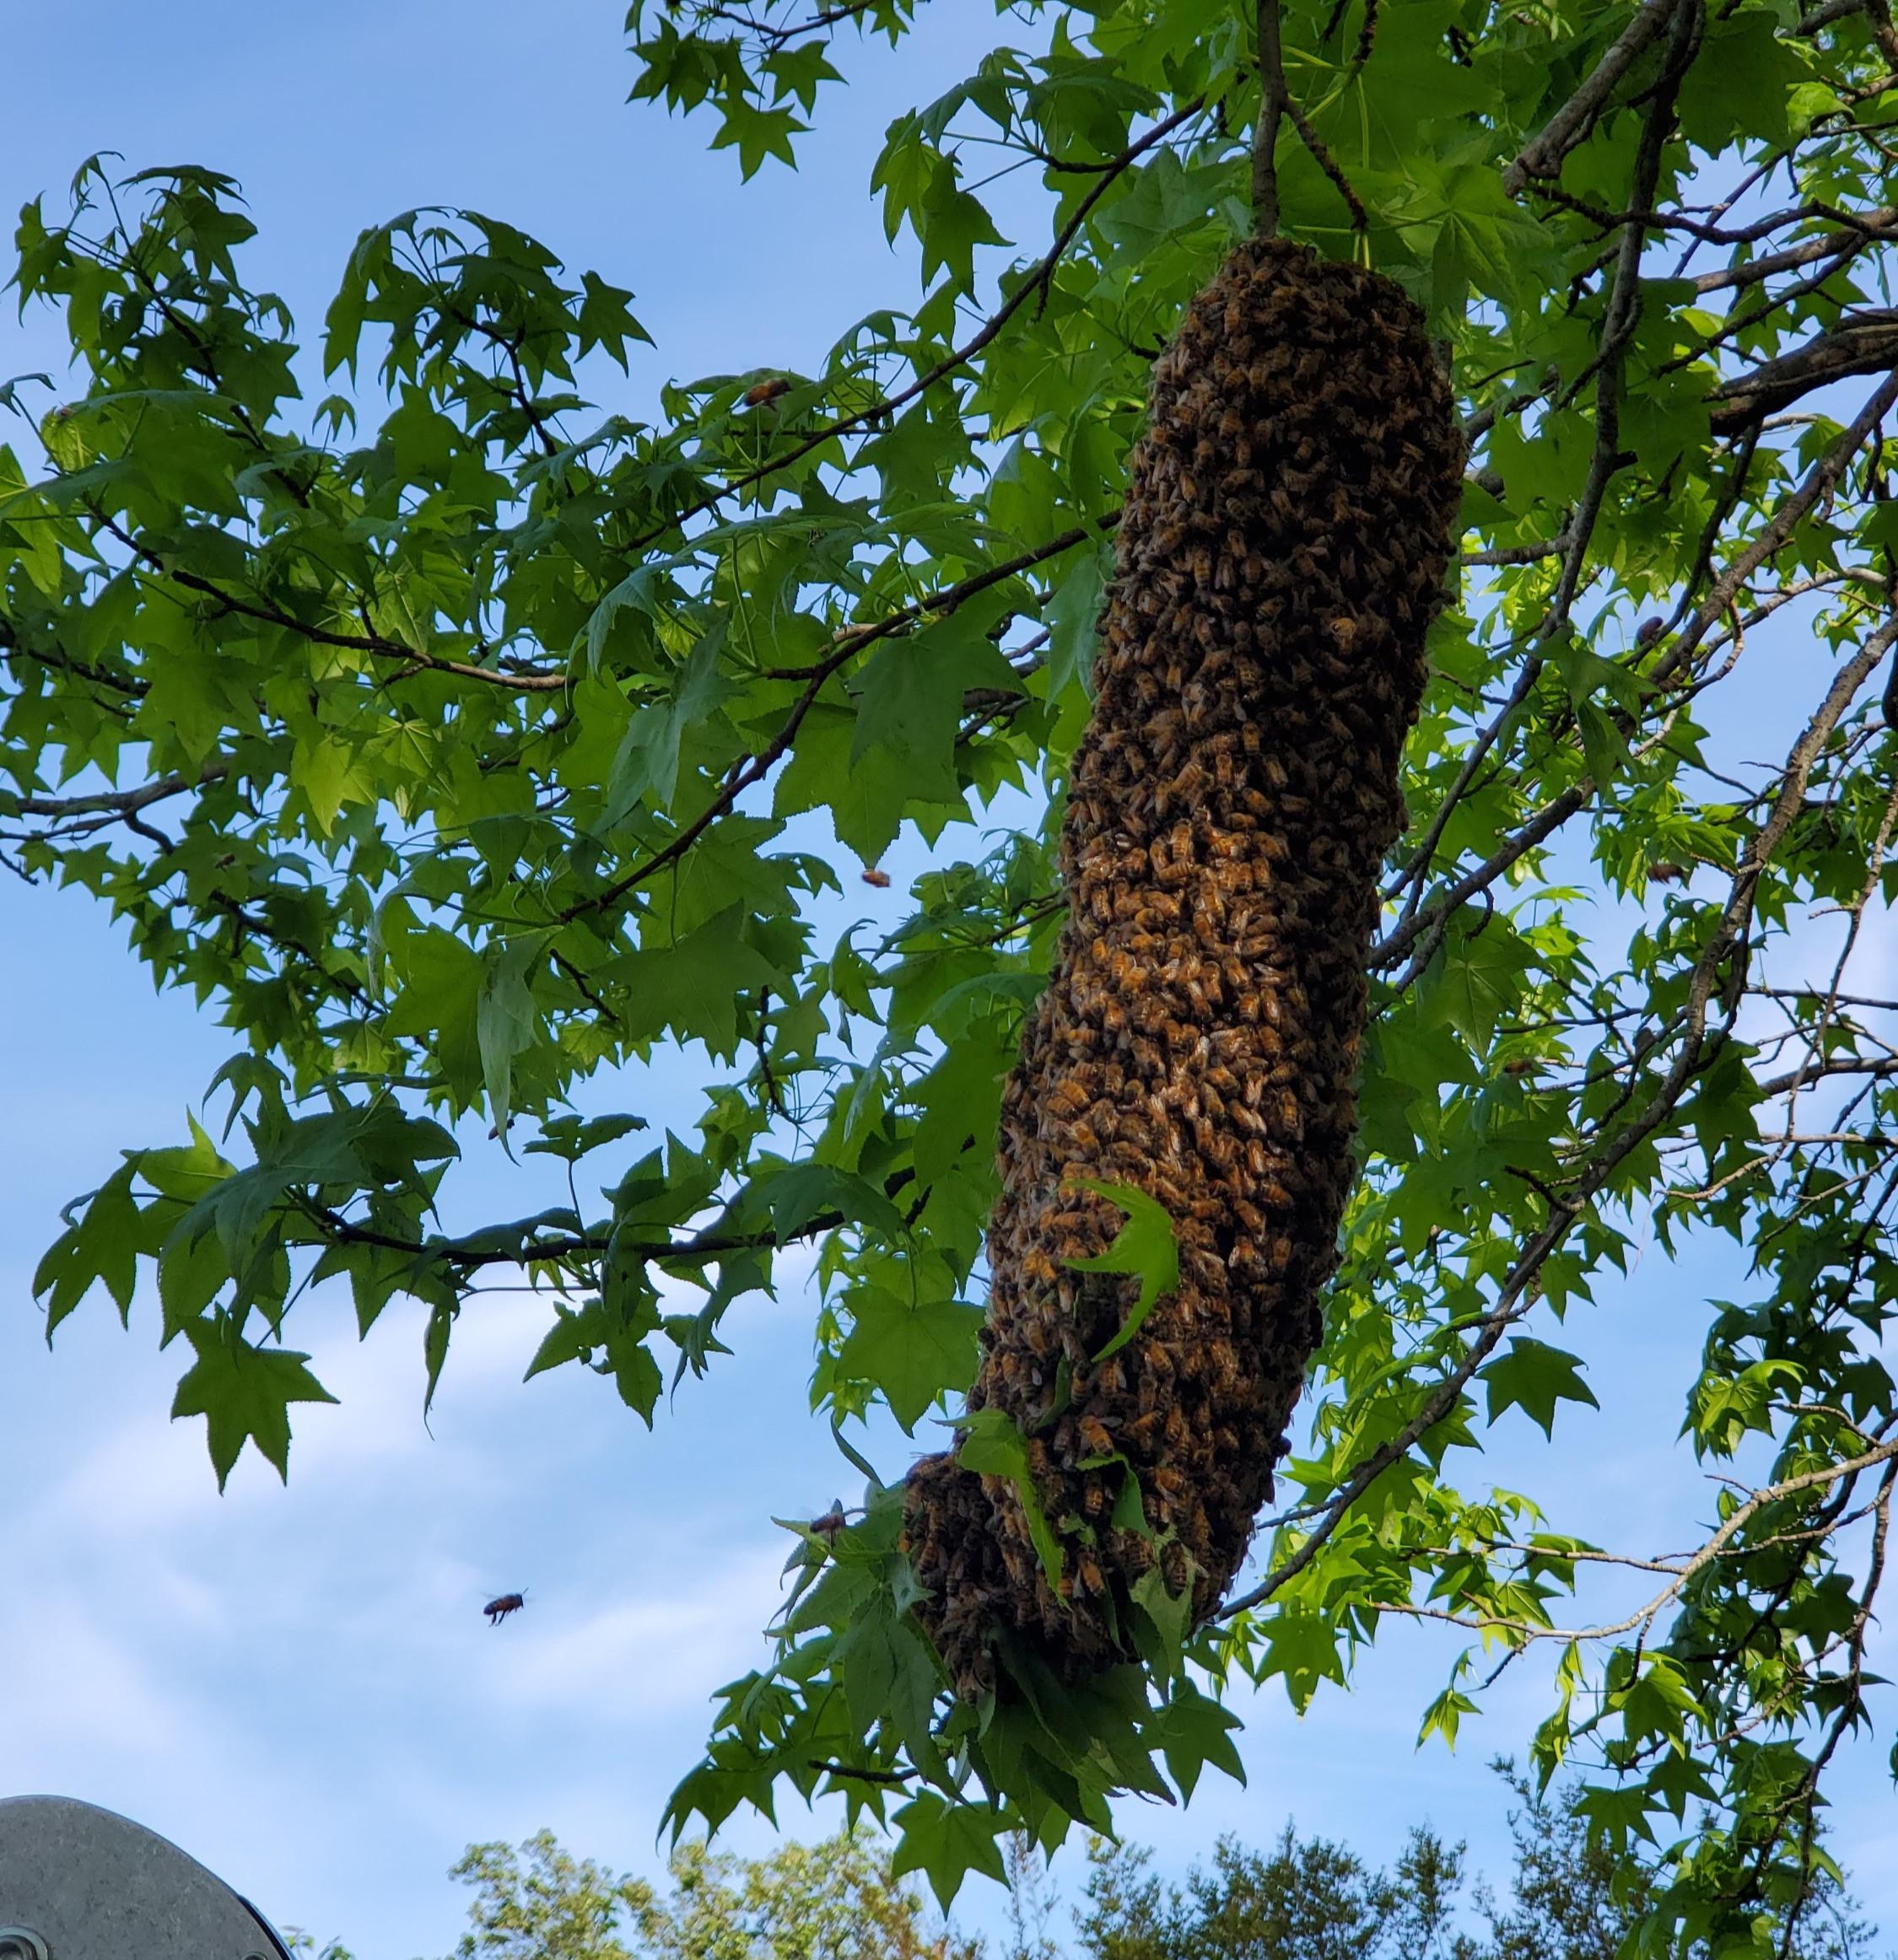 BEES and WASP